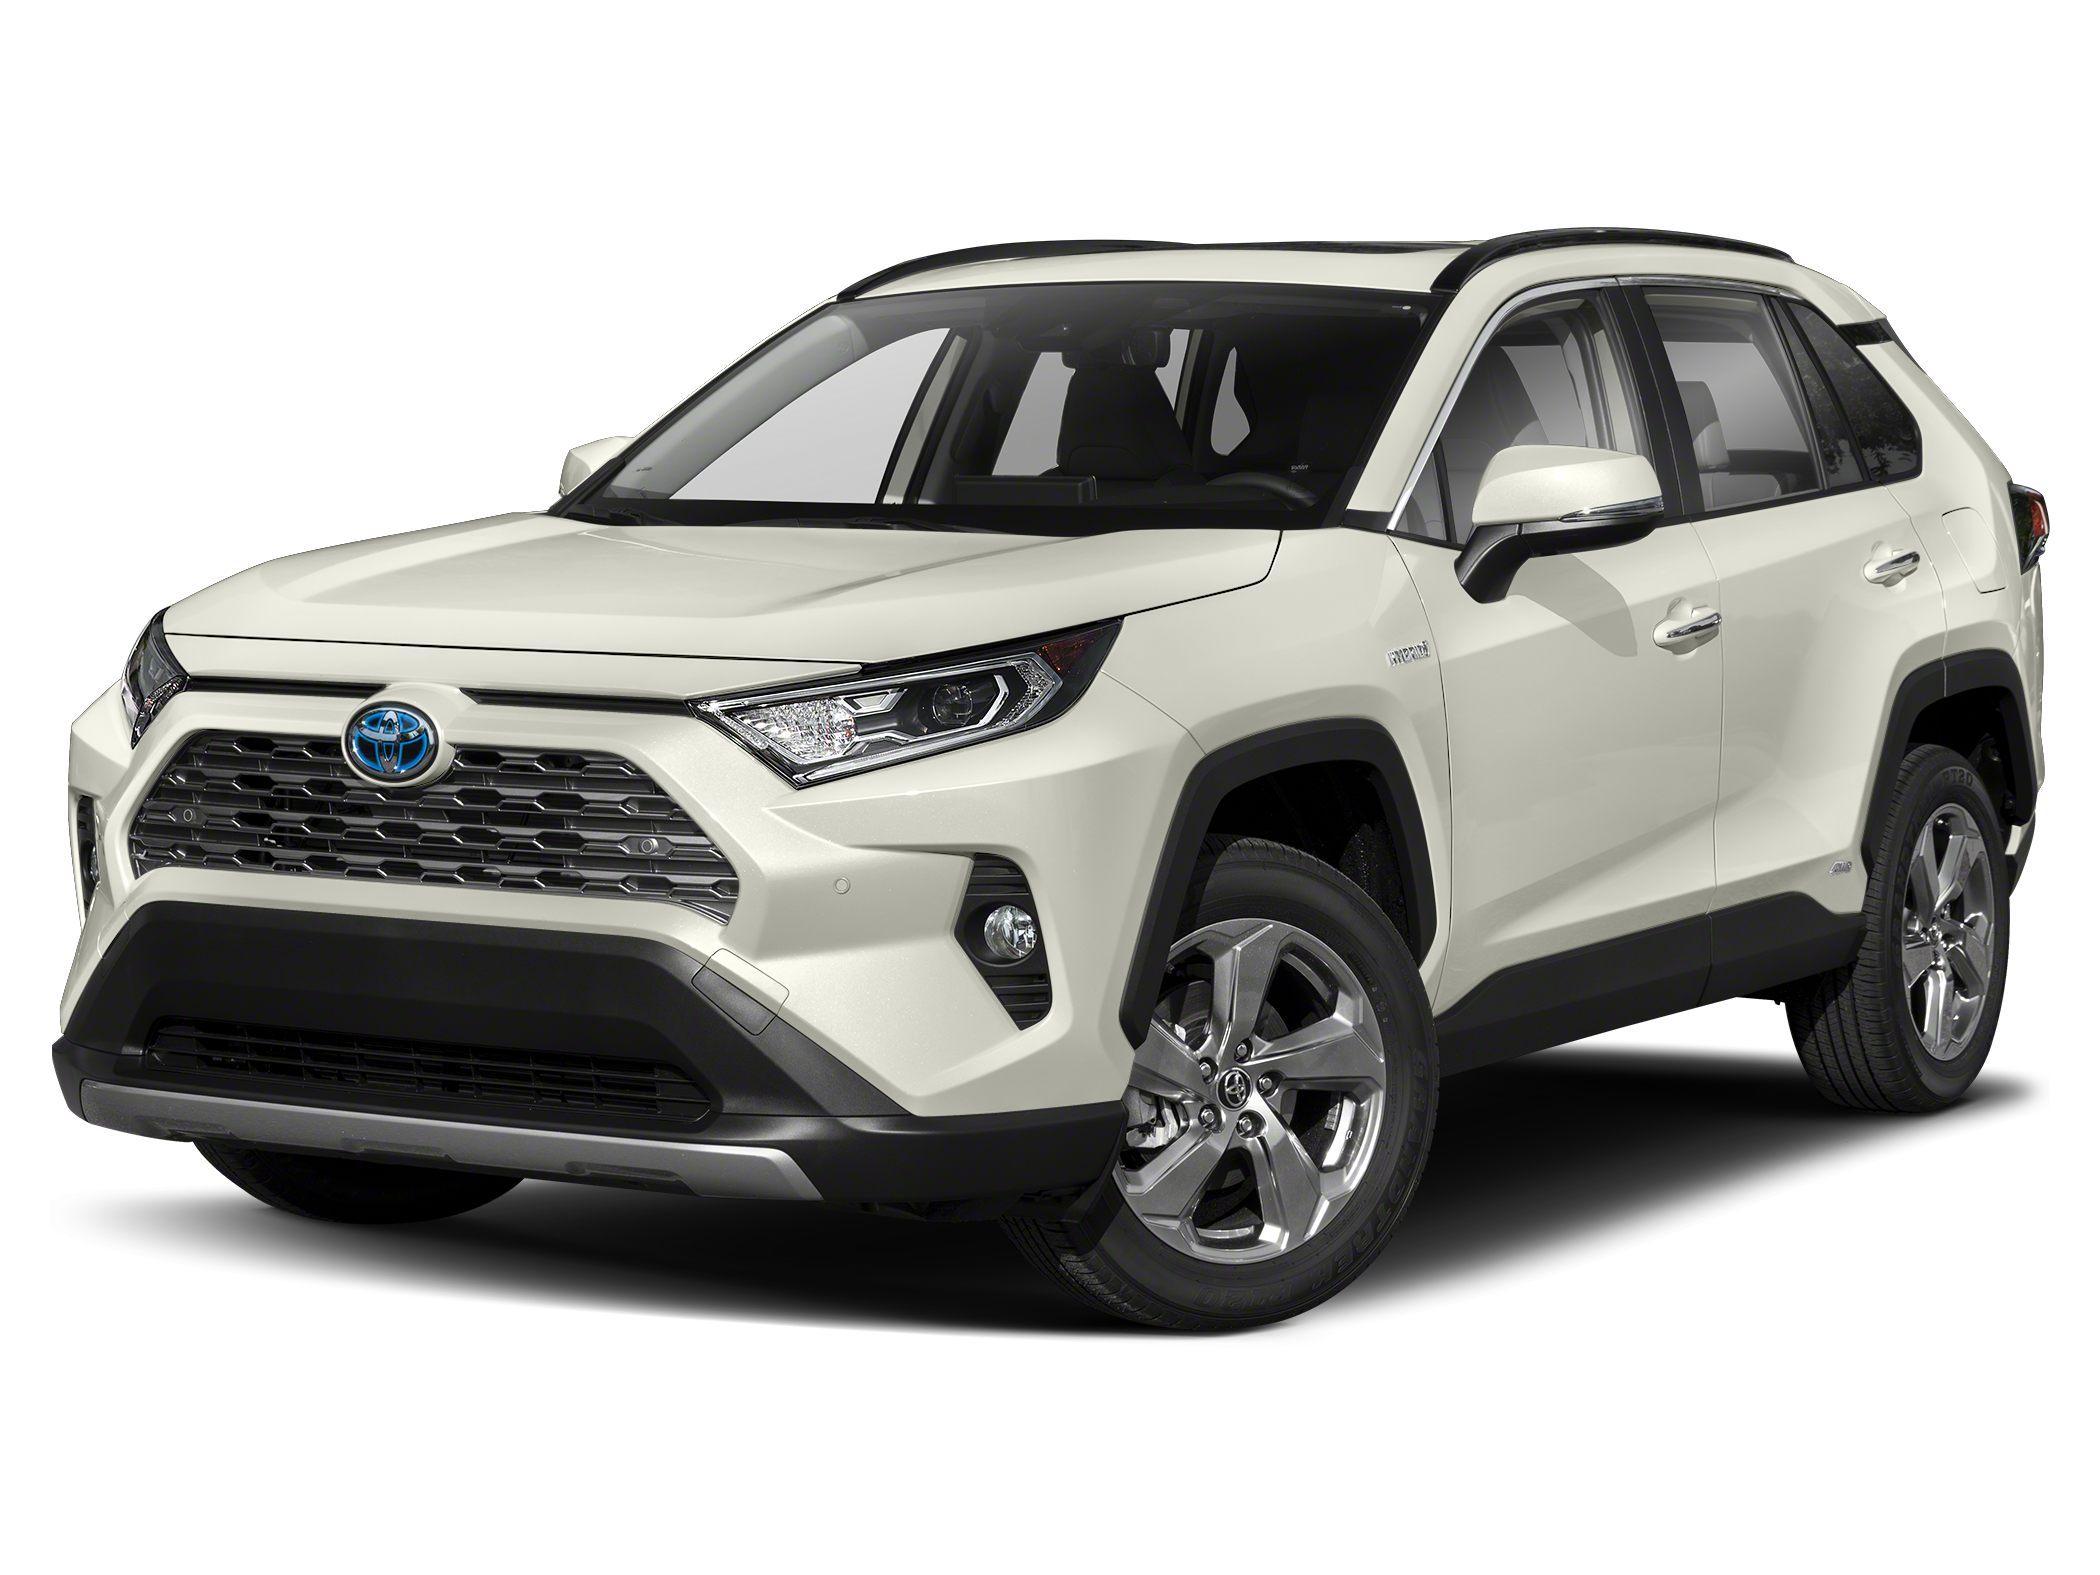 2019 Toyota RAV4 Hybrid SUV